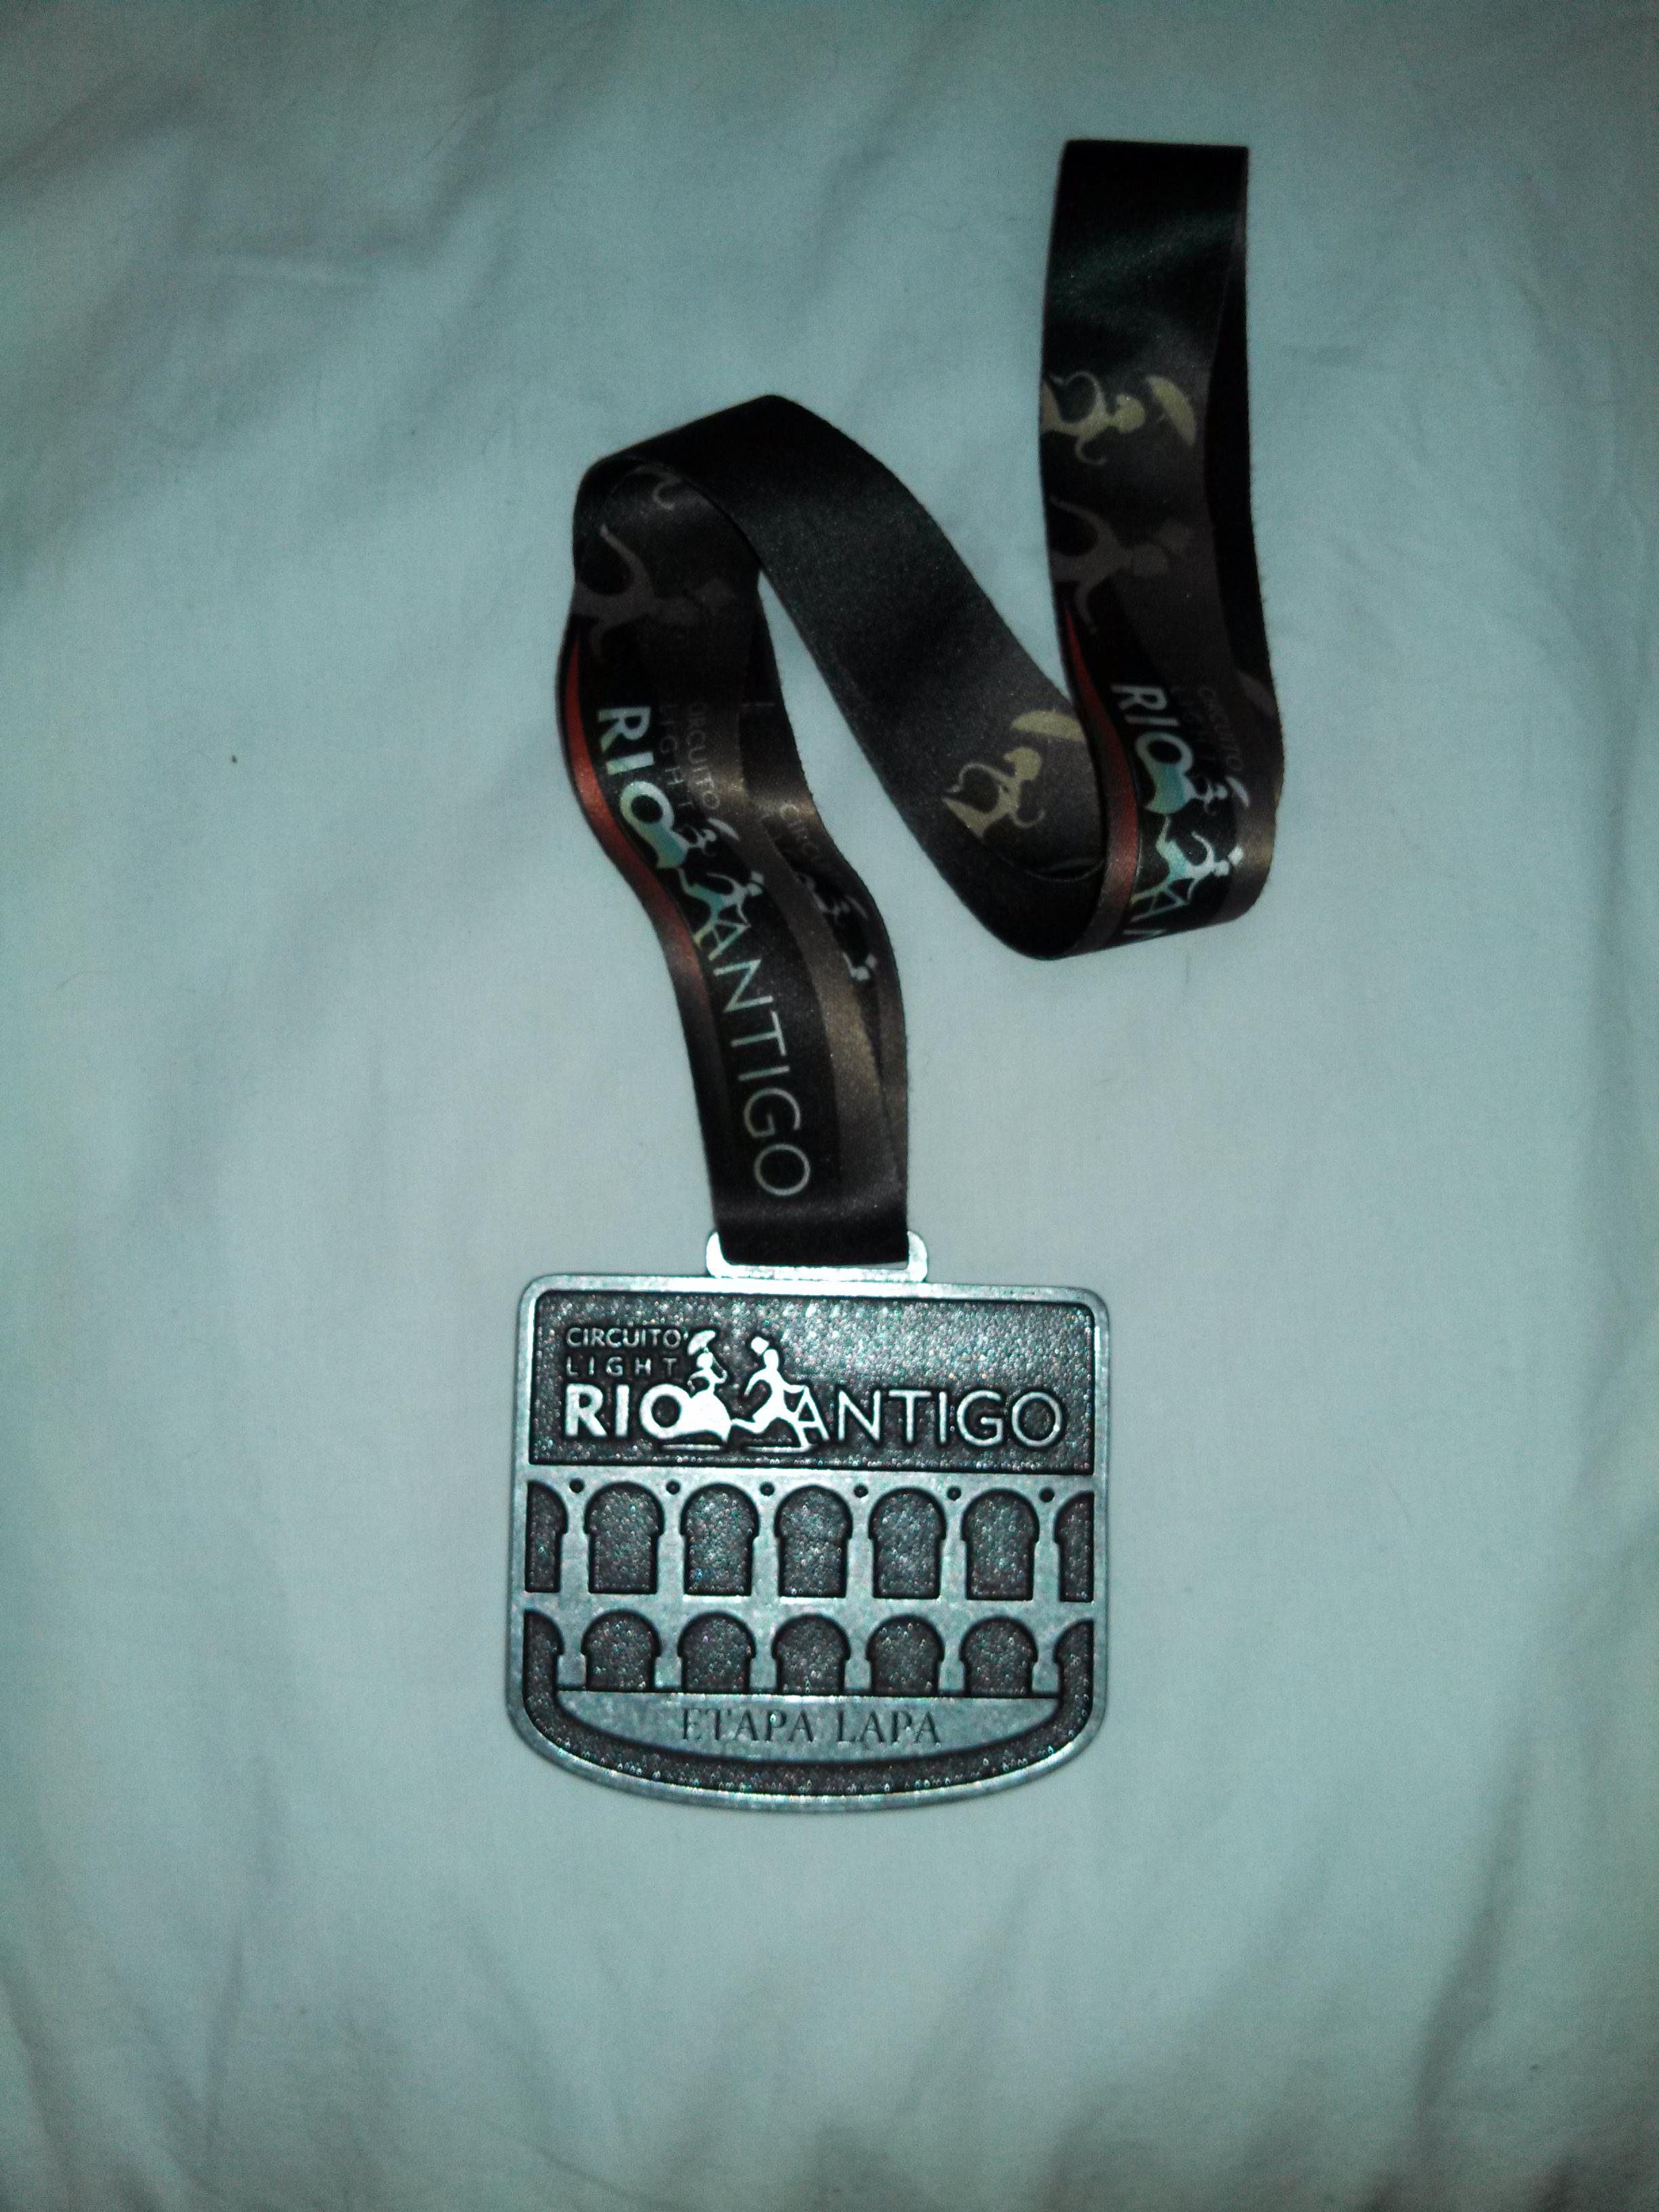 Circuito Rio Antigo : Circuito light rio antigo u2013 etapa lapa vida de corredor